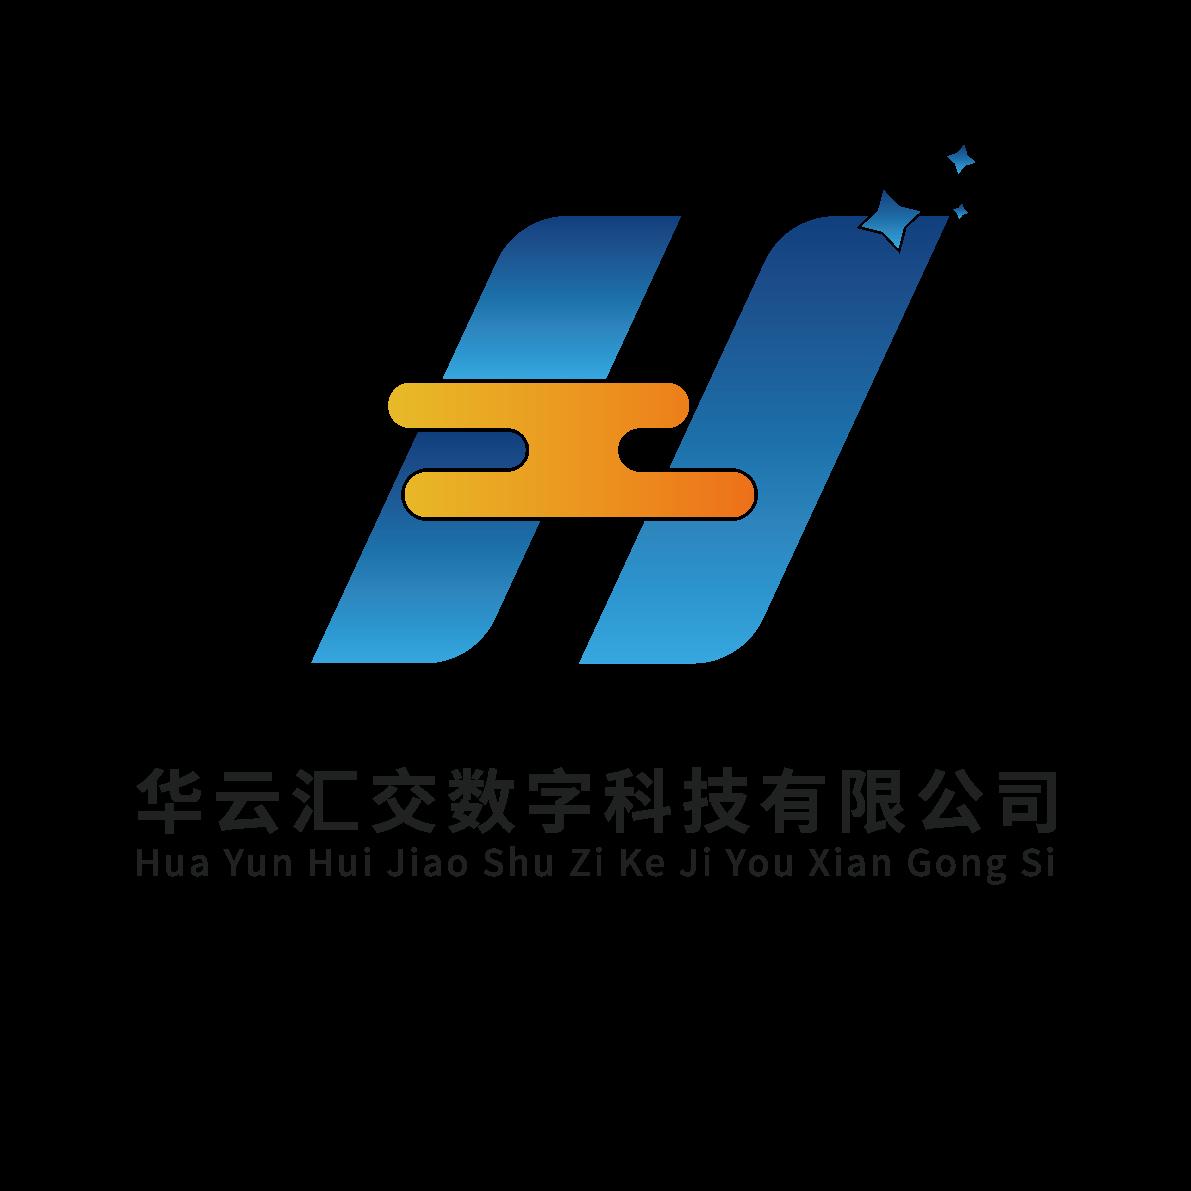 华云汇交数字科技有限公司